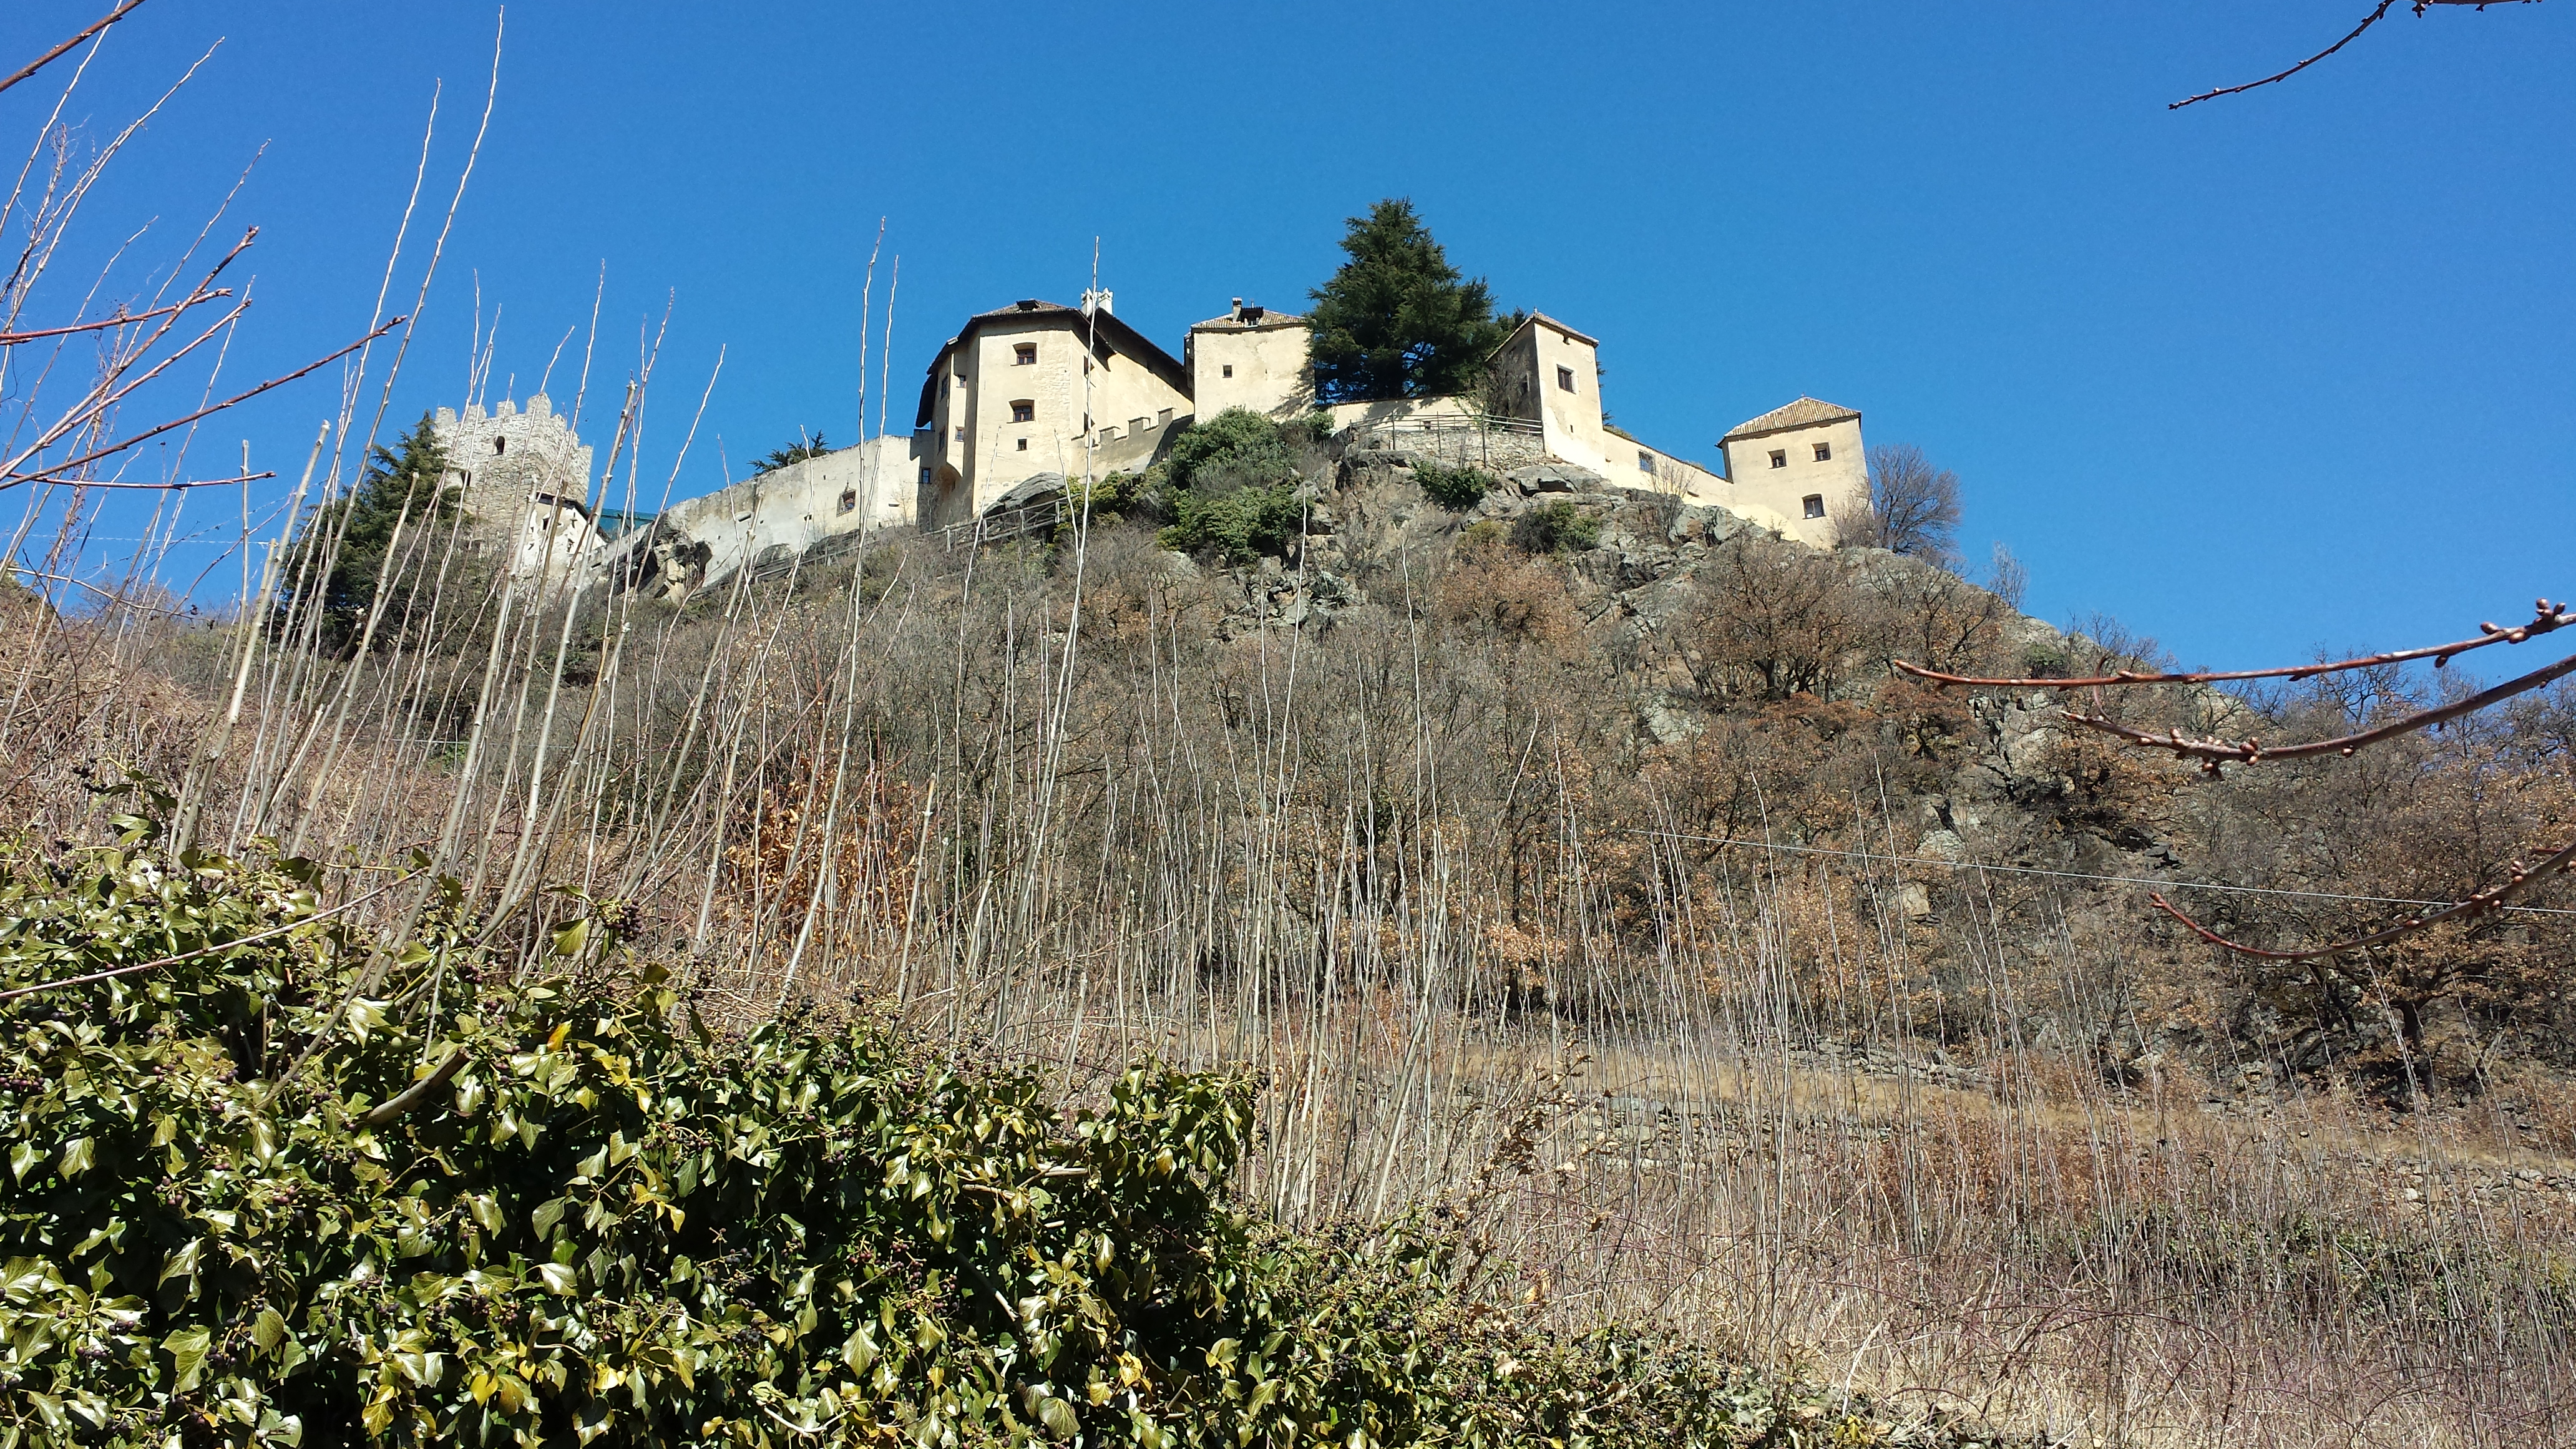 Schloss Juval vom Walweg aus gesehen